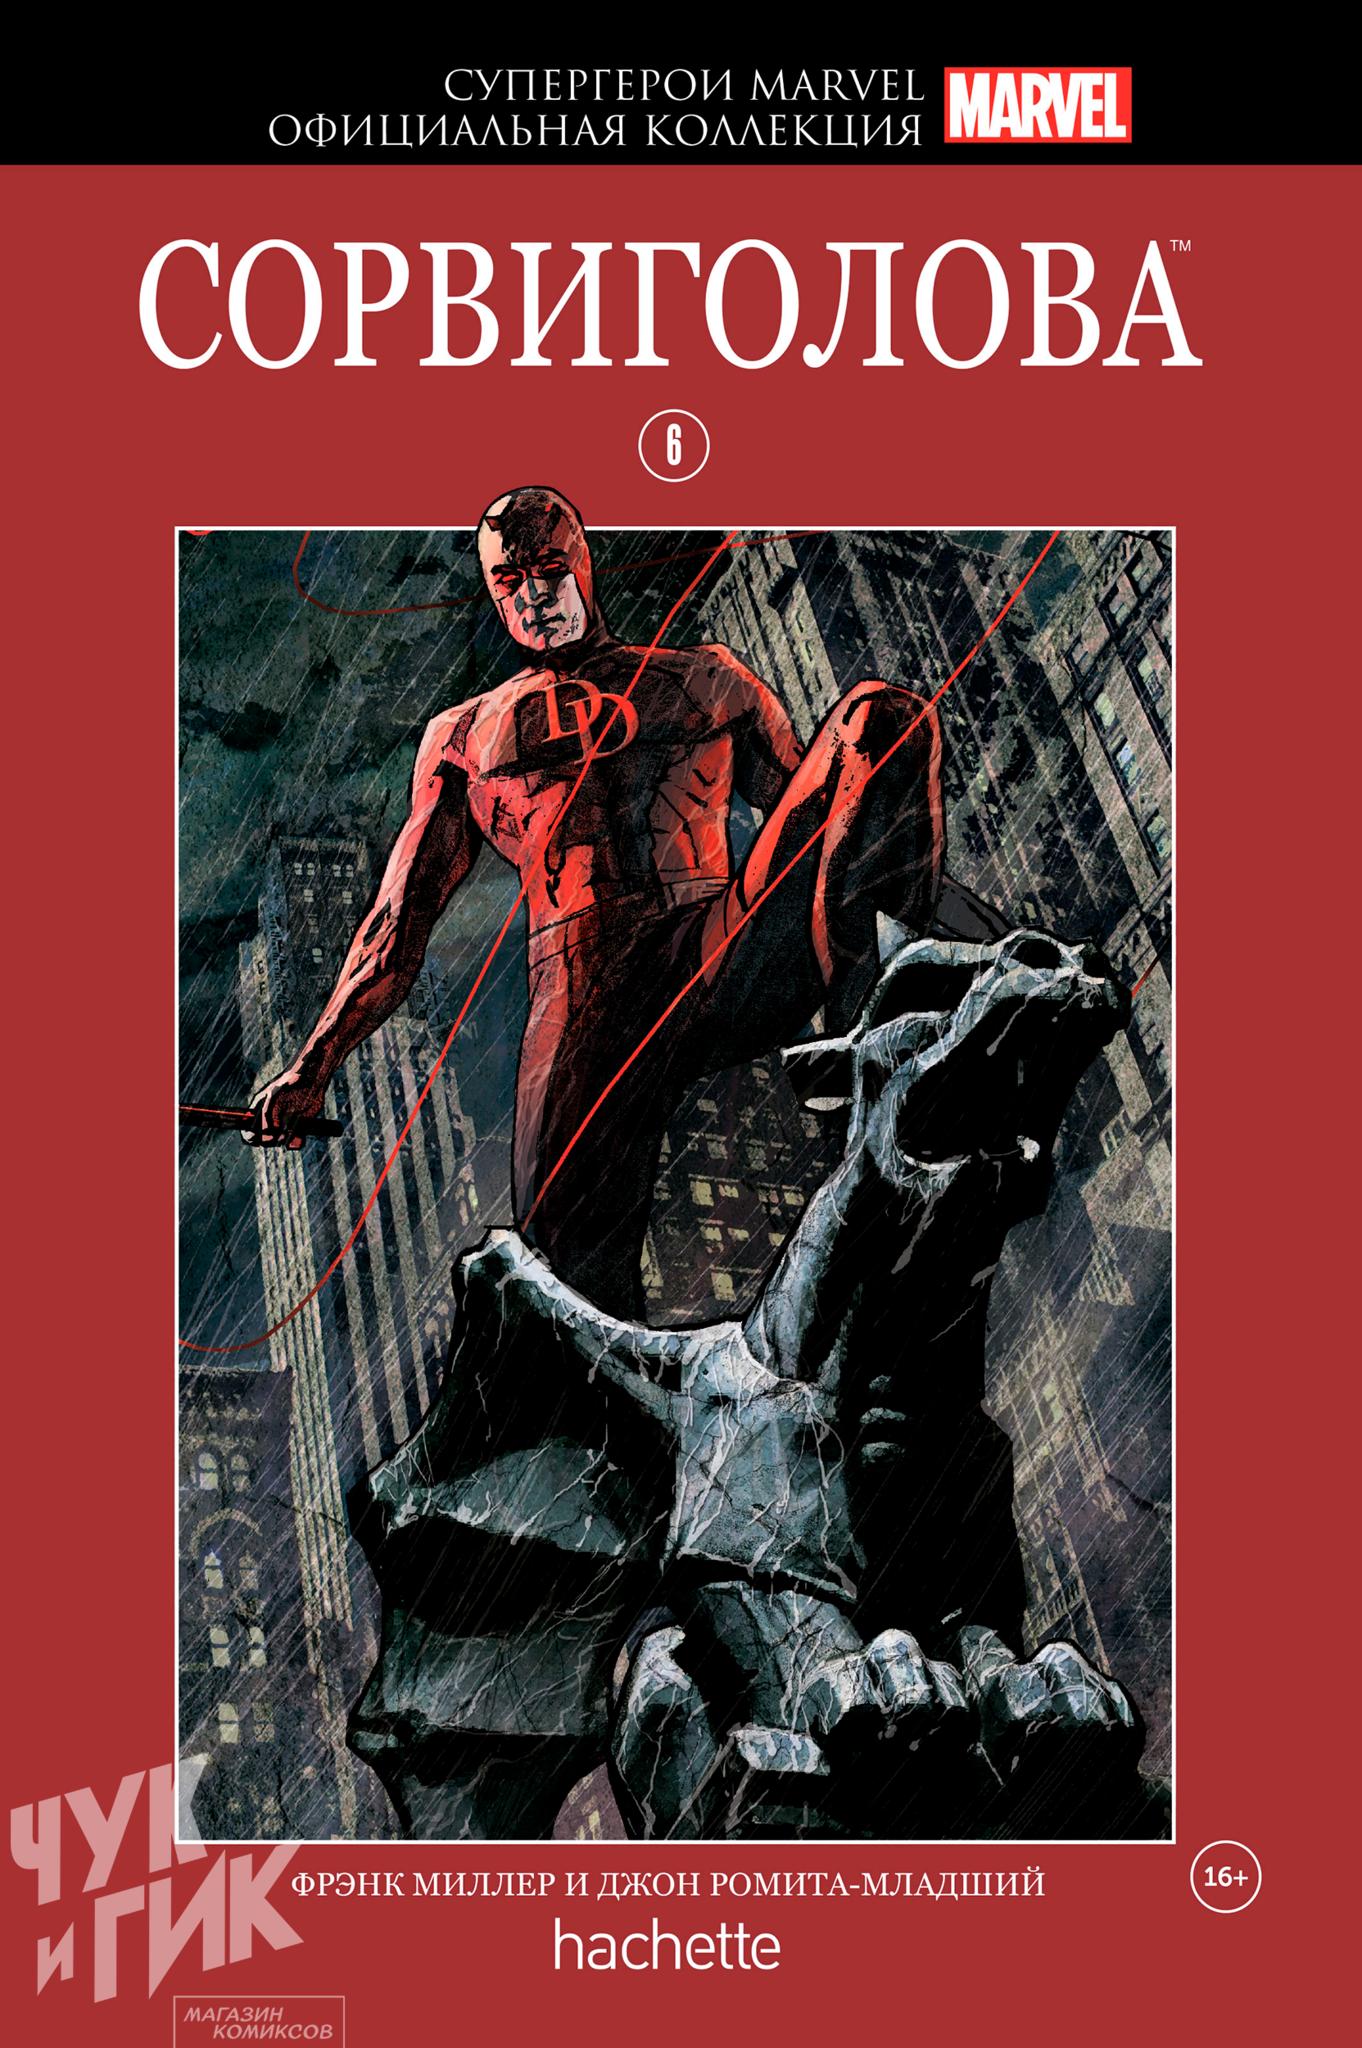 Супергерои Marvel. Официальная коллекция №6. Сорвиголова